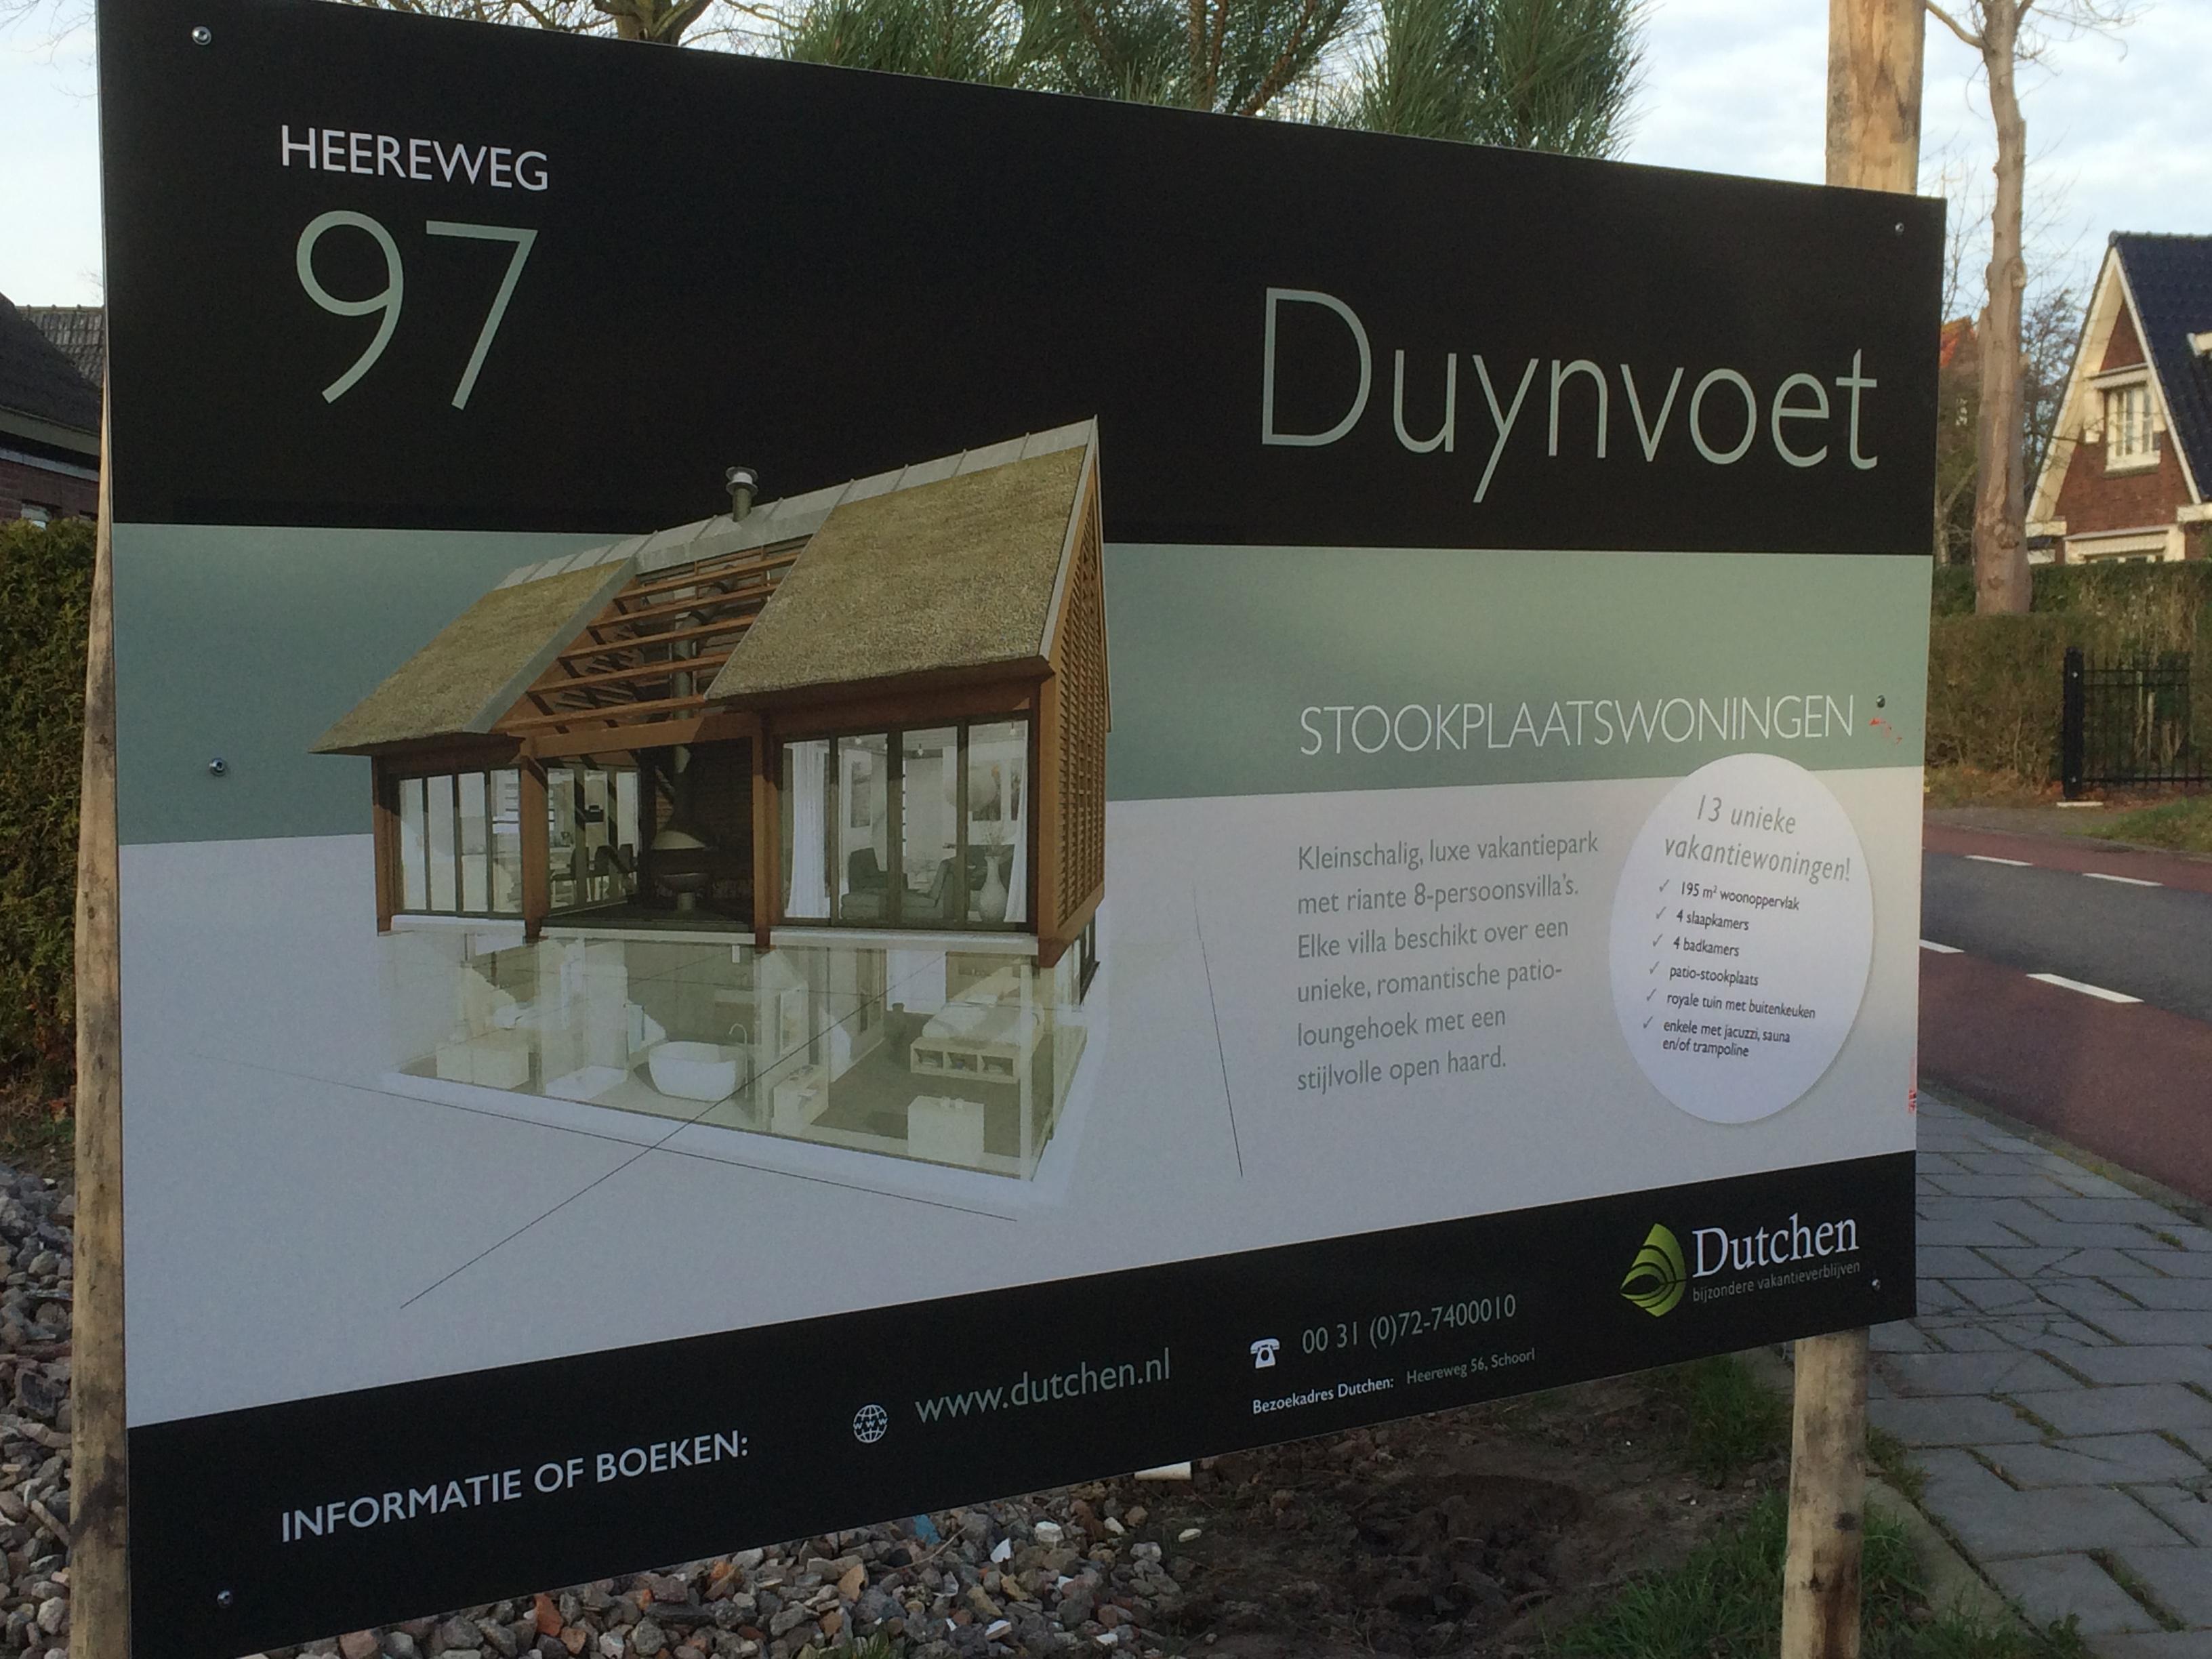 Vakantiewoning Schoorl project Duynvoet